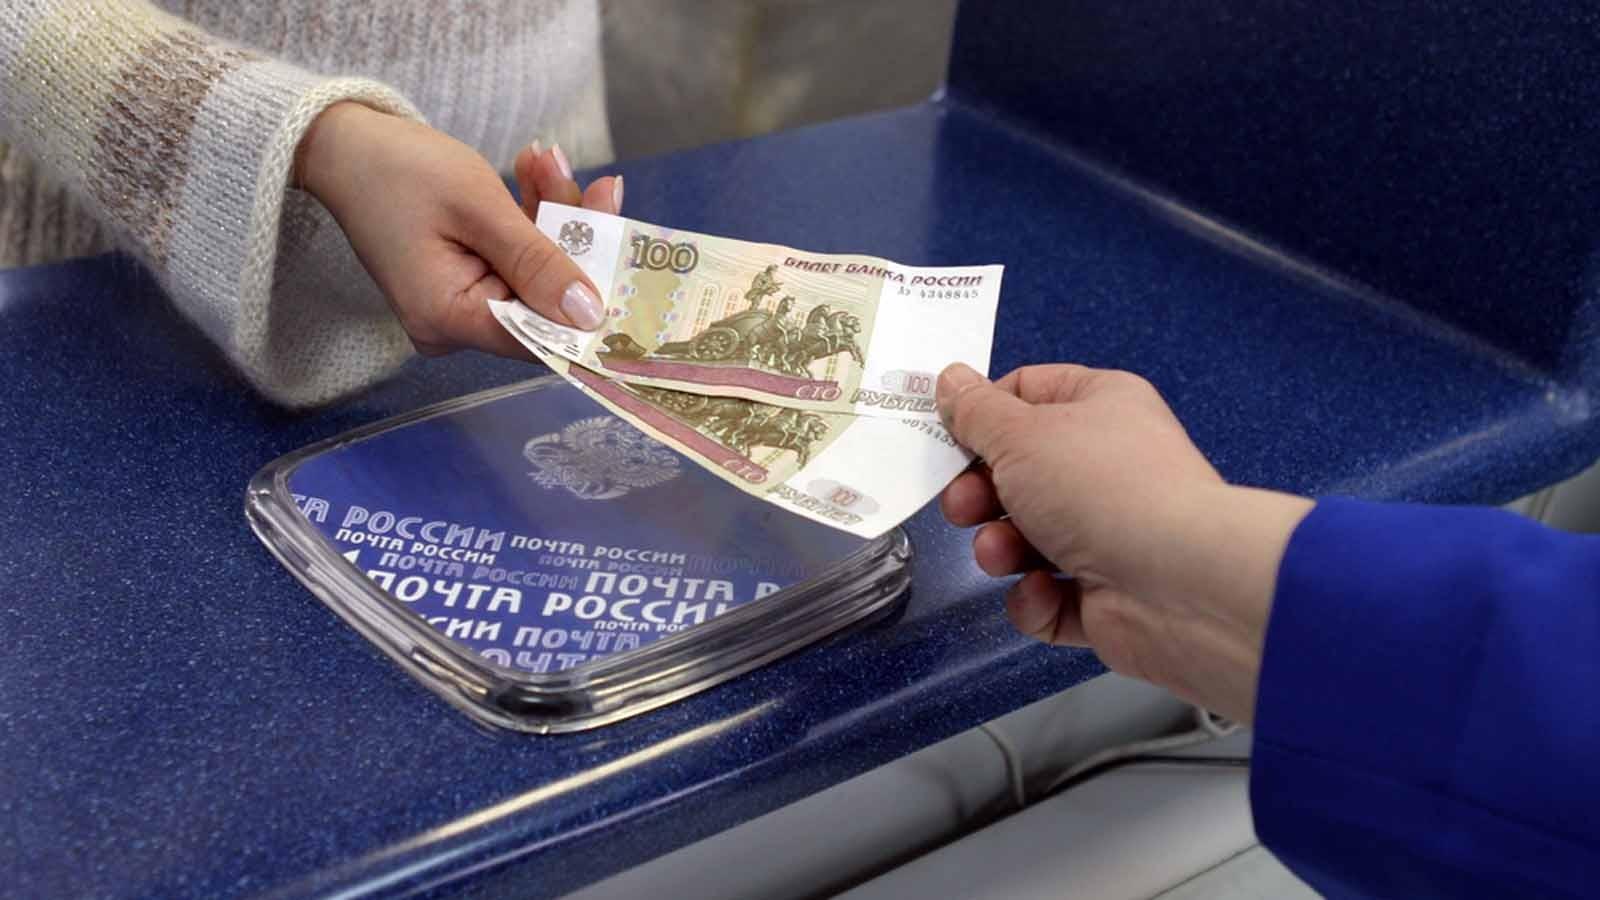 Как сделать денежный перевод на почте россии